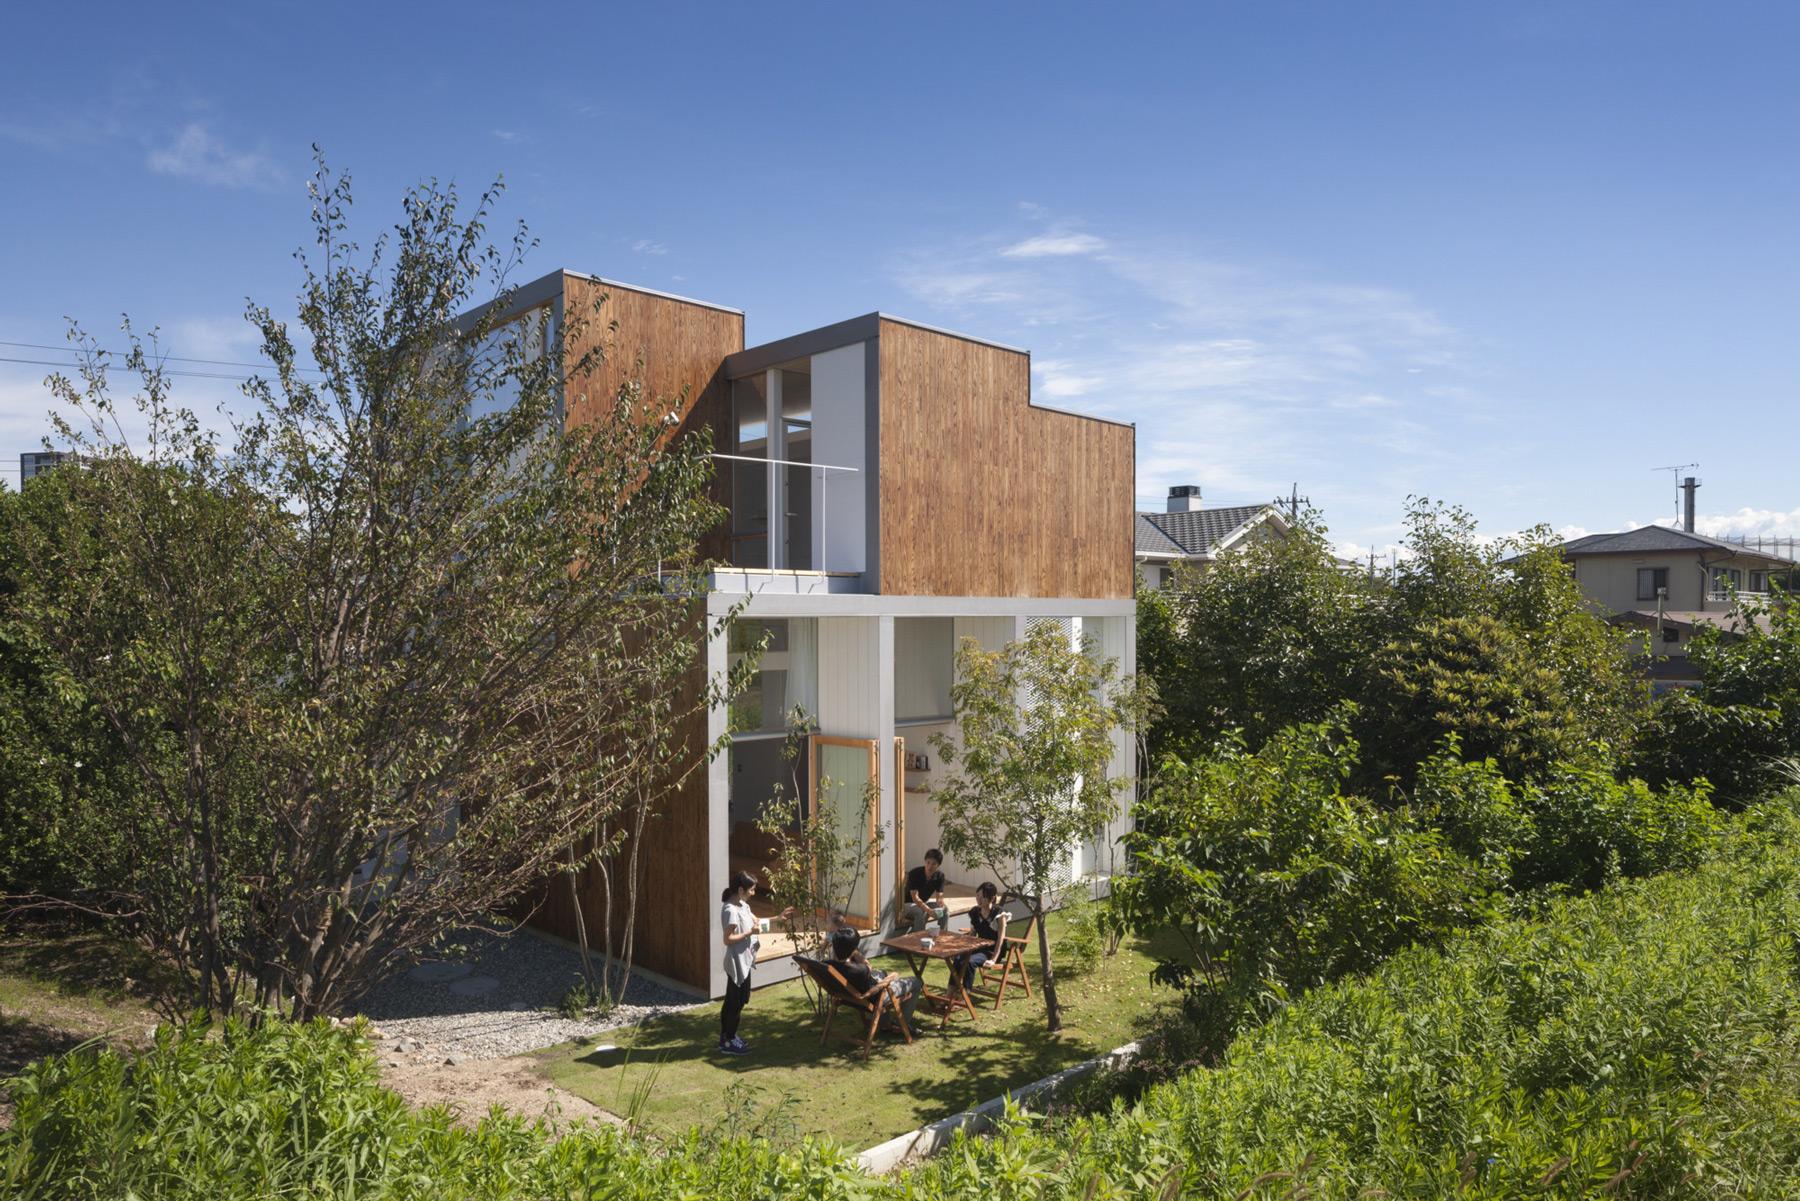 House Passage of Landscape / Ihrmk (16)